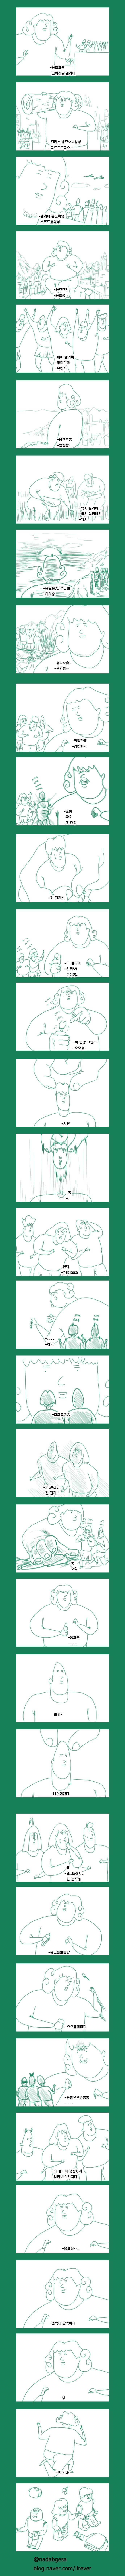 18) 난쟁이 모가지 따는 만화 | 인스티즈